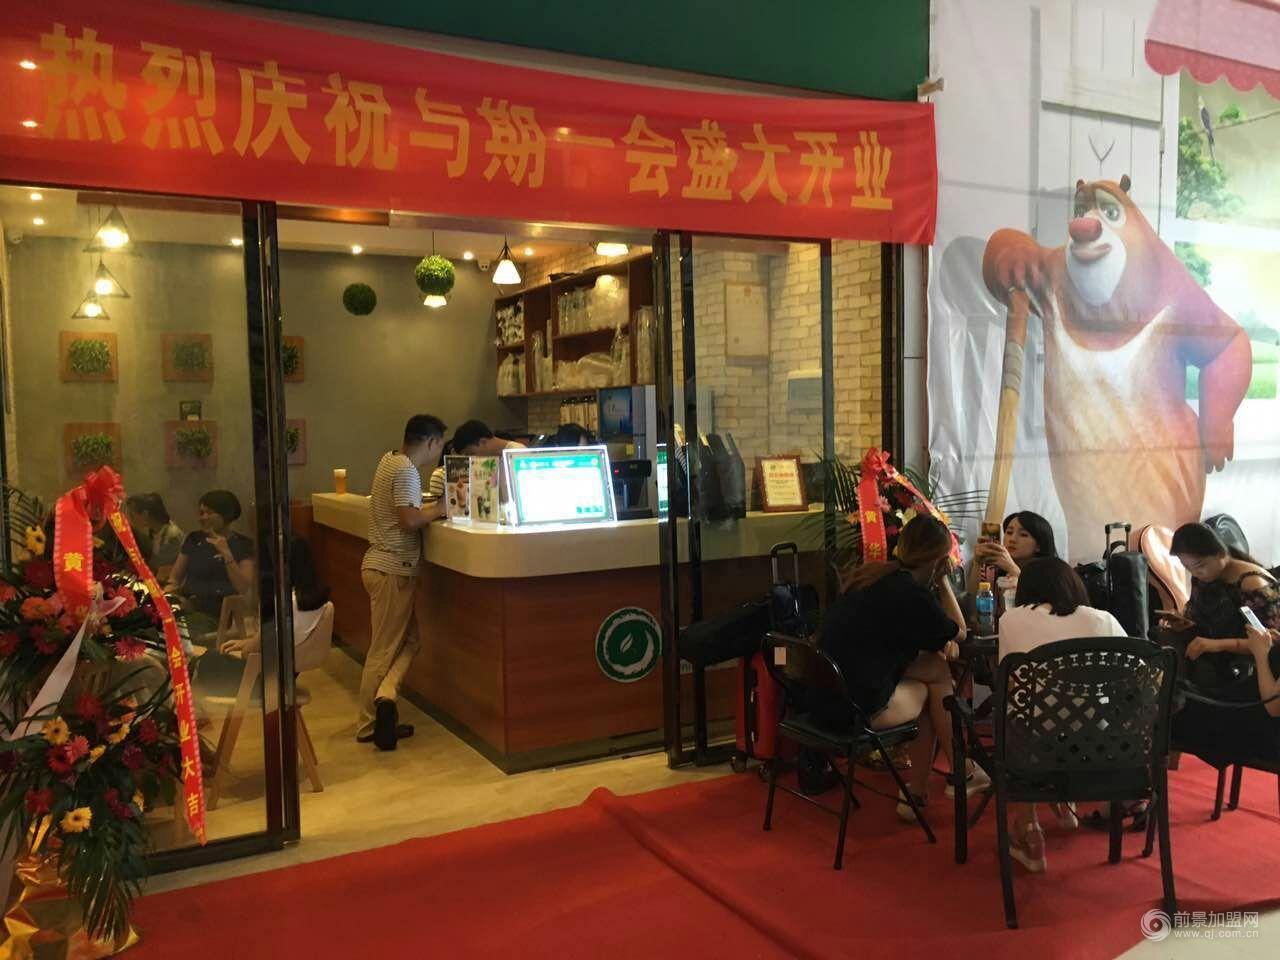 江苏省盐城与期一会认证店